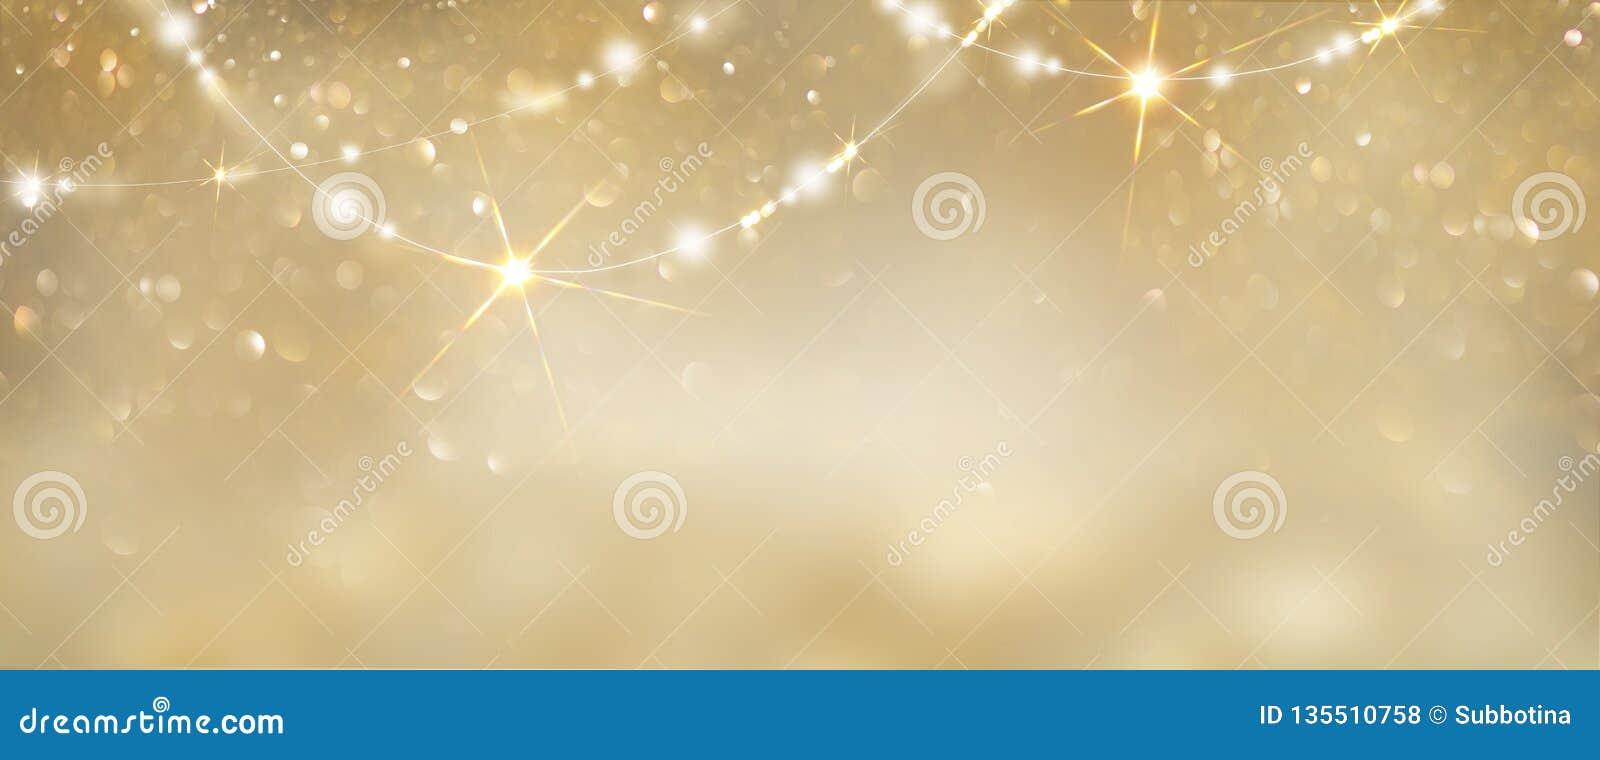 Fondo d ardore dorato di Natale Contesto defocused di scintillio dell estratto di festa con i catrami e le ghirlande di lampeggia